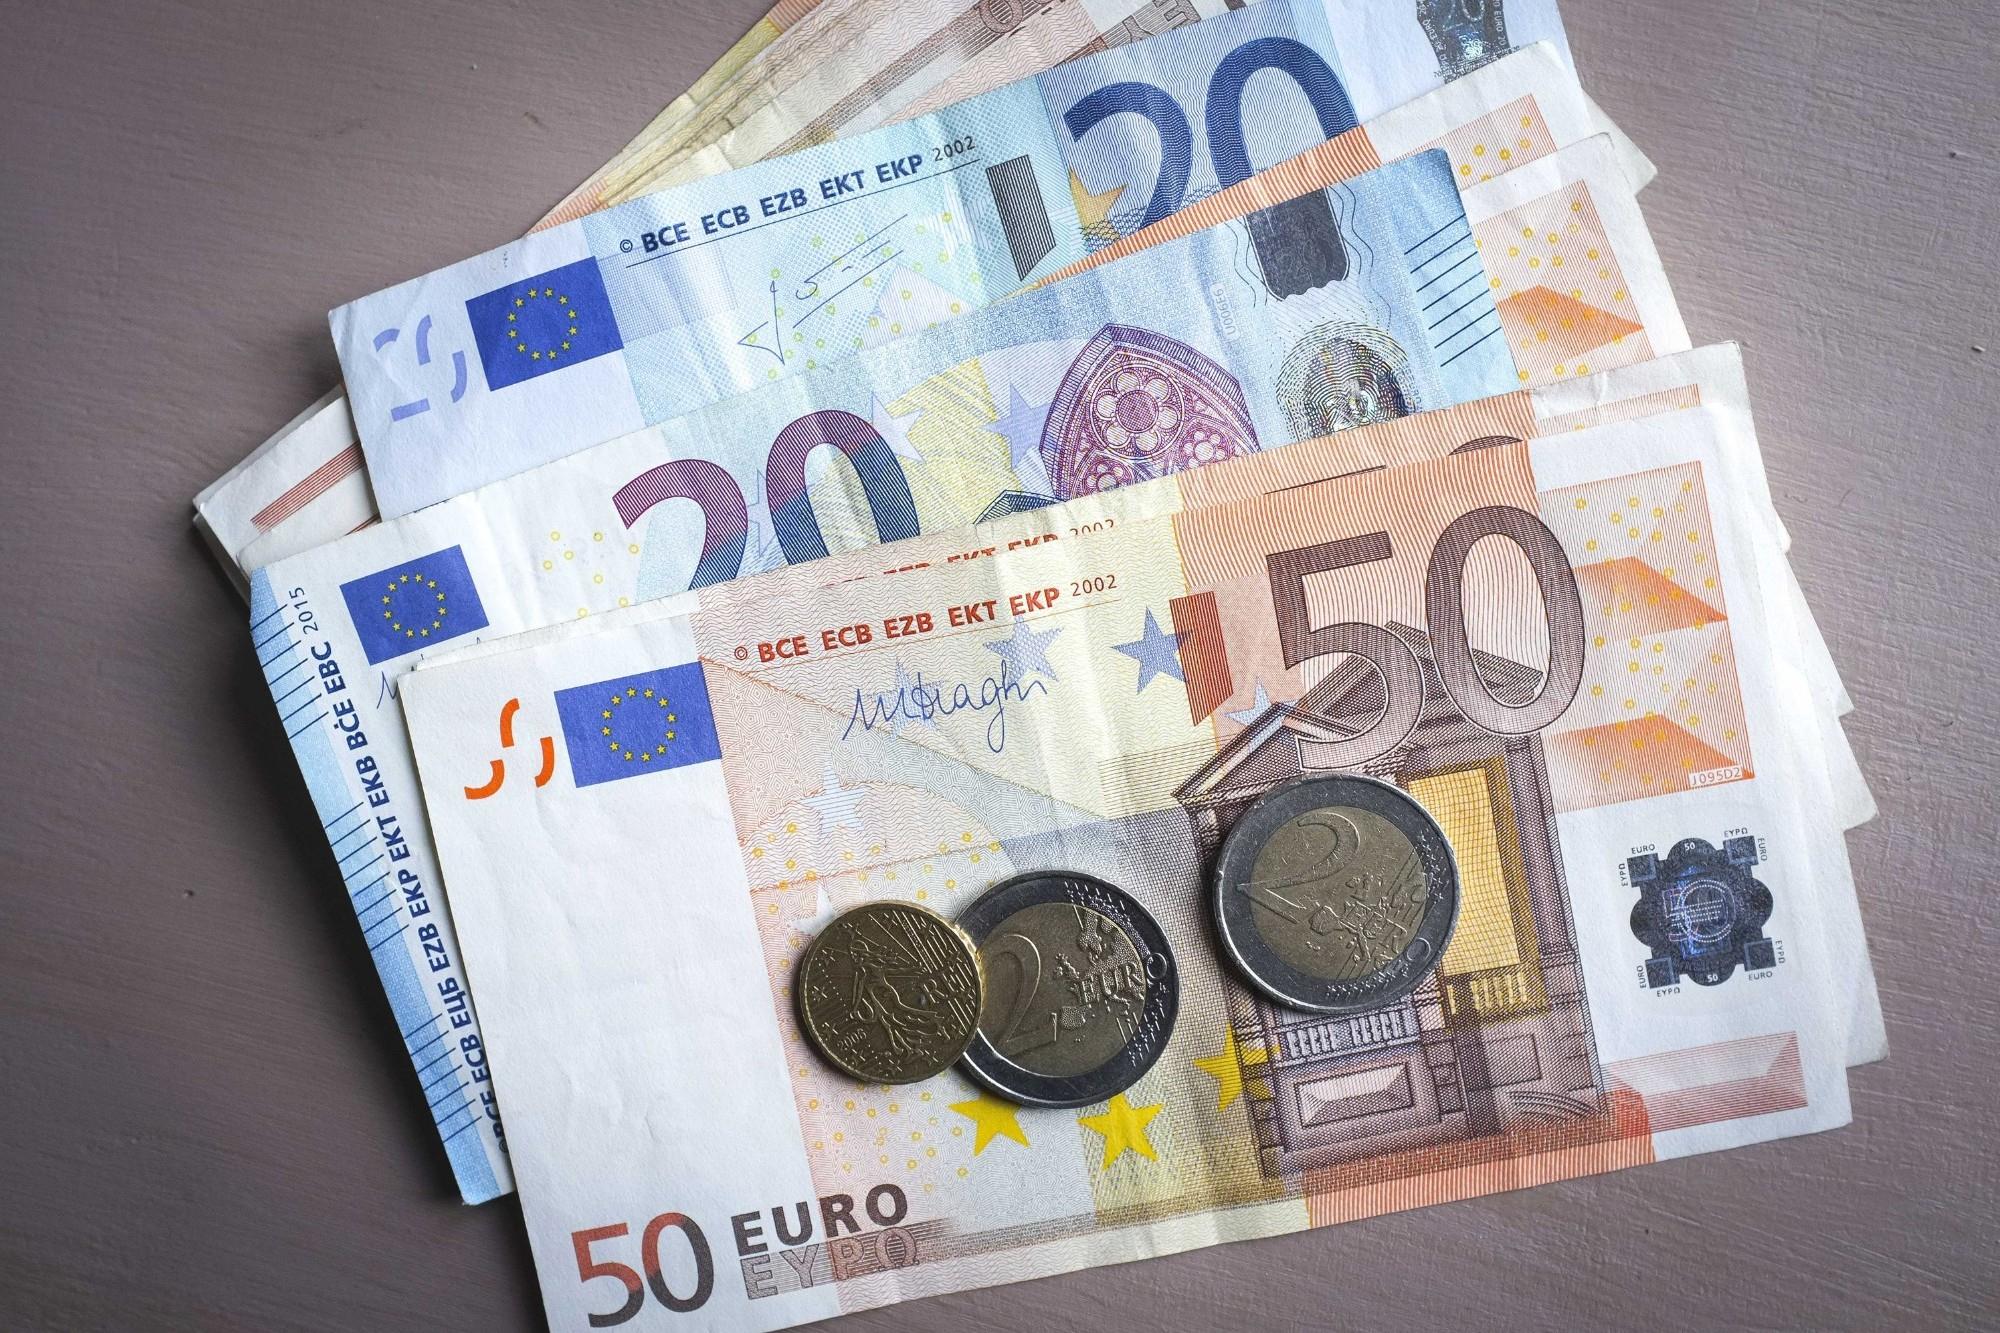 Le Havre : Elle Fabriquait De Faux Billets Sur Des Feuilles intérieur Pièces Et Billets En Euros À Imprimer